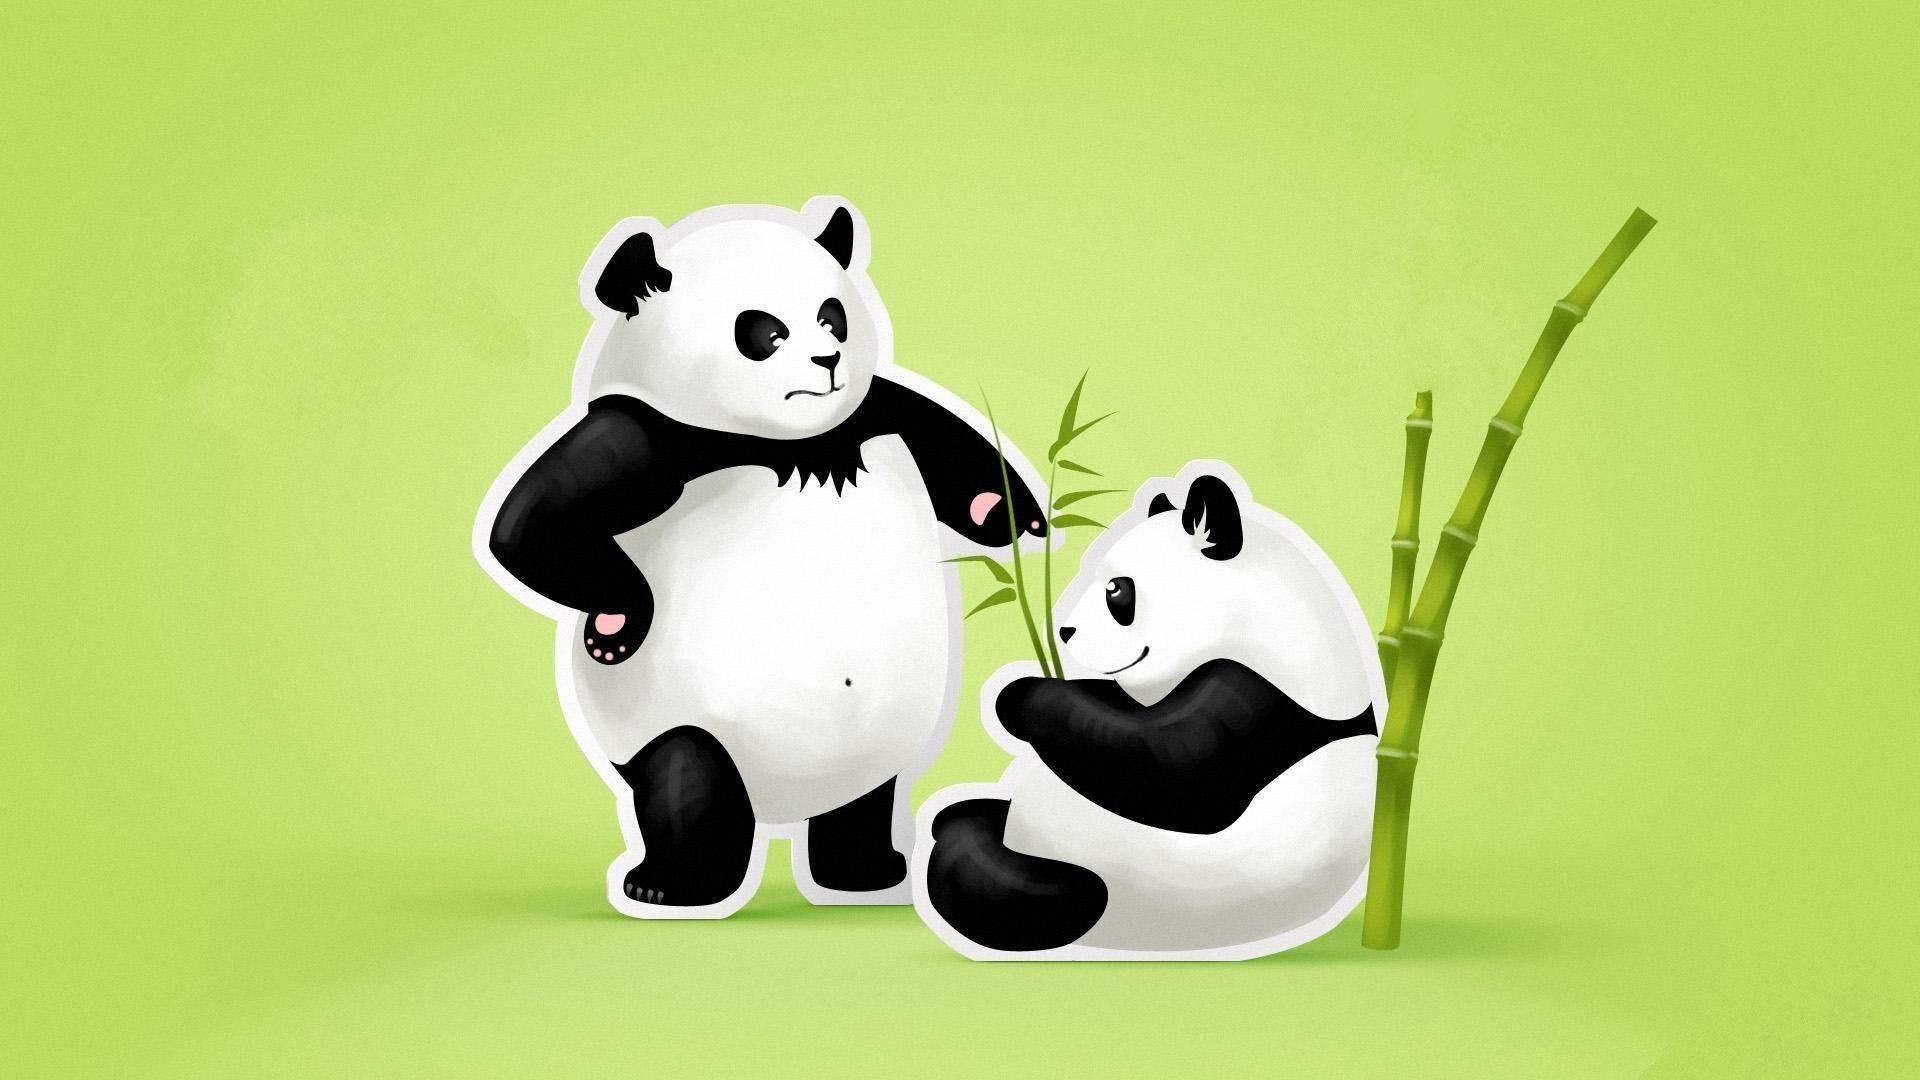 Res: 1920x1080, 20 Best Panda Wallpaper For Your Desktop